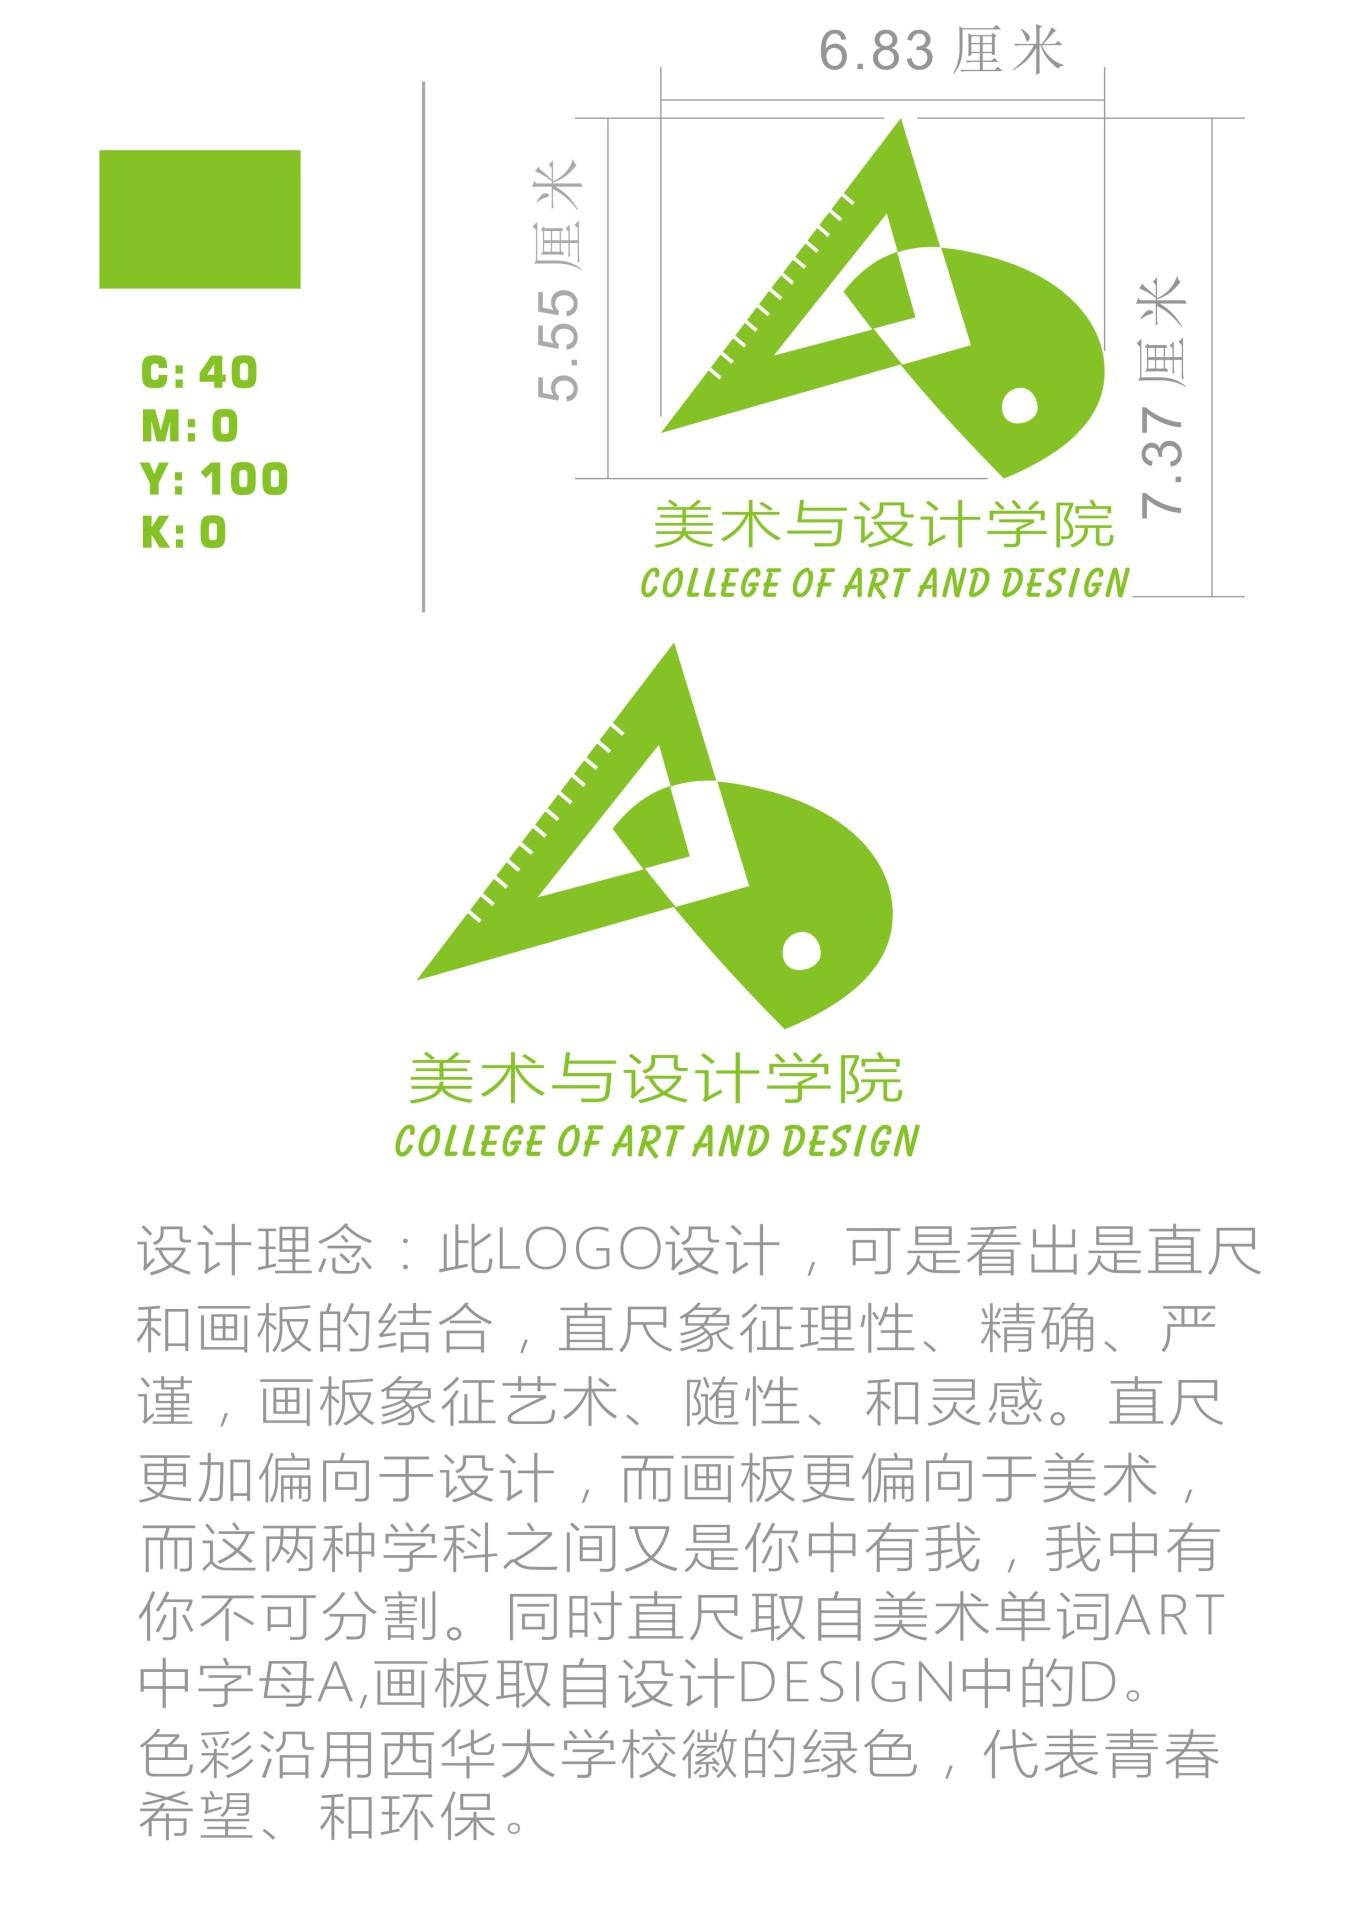 西华大学美术与设计学院logo设计